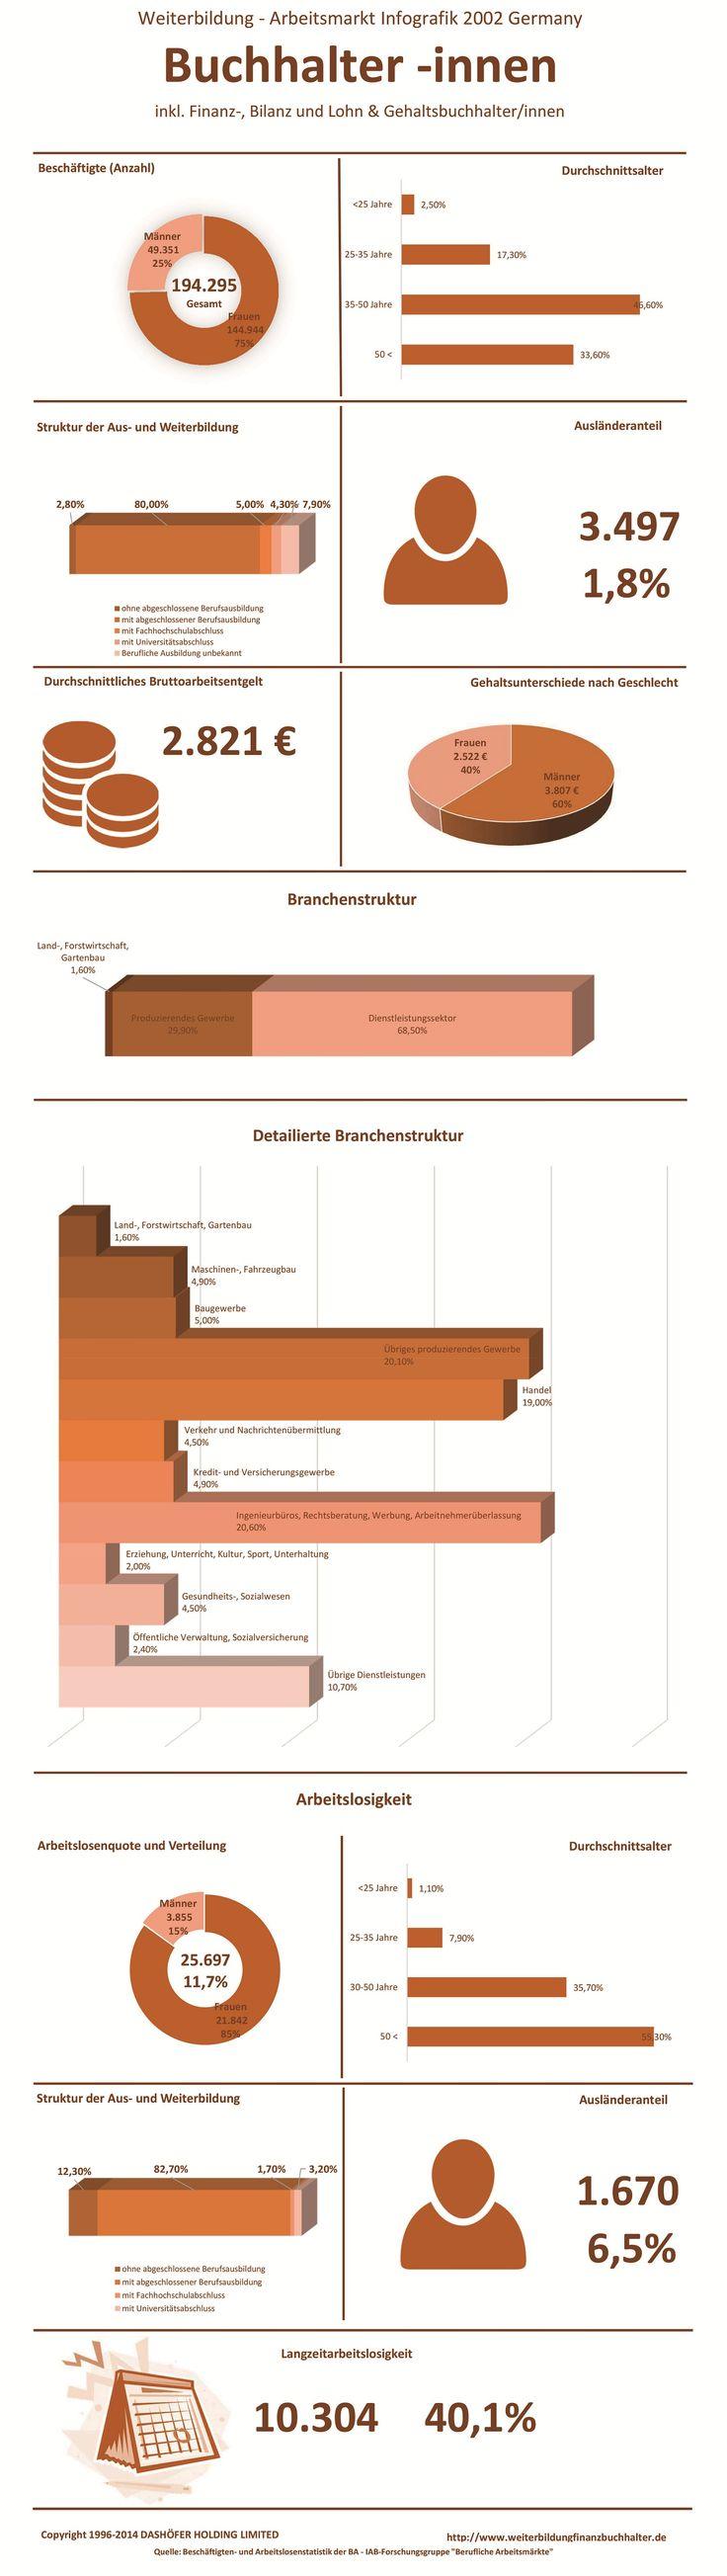 #Weiterbildung #Finanzbuchhalter #Arbeitsmarkt Die Infographik zu Weiterbildung, Gehalt und Arbeitsmarkt der Berufsgruppe Buchhalter inkl. Finanzbuchhalter, Bilanzbuchhalter, Lohn- und Gehaltsbuchhalter in Deutschland, 2002. Hier finden sie alle notwendigen Daten zum Berufsbild eines Finanzbuchhalters, Buchhalters etc. inklusive der Branchen, in denen Finanzbuchhalter eingesetzt werden, der Auslaenderanteil und die Arbeitslosenquote. Die Daten sind auf dem Stand des Jahres 2002.